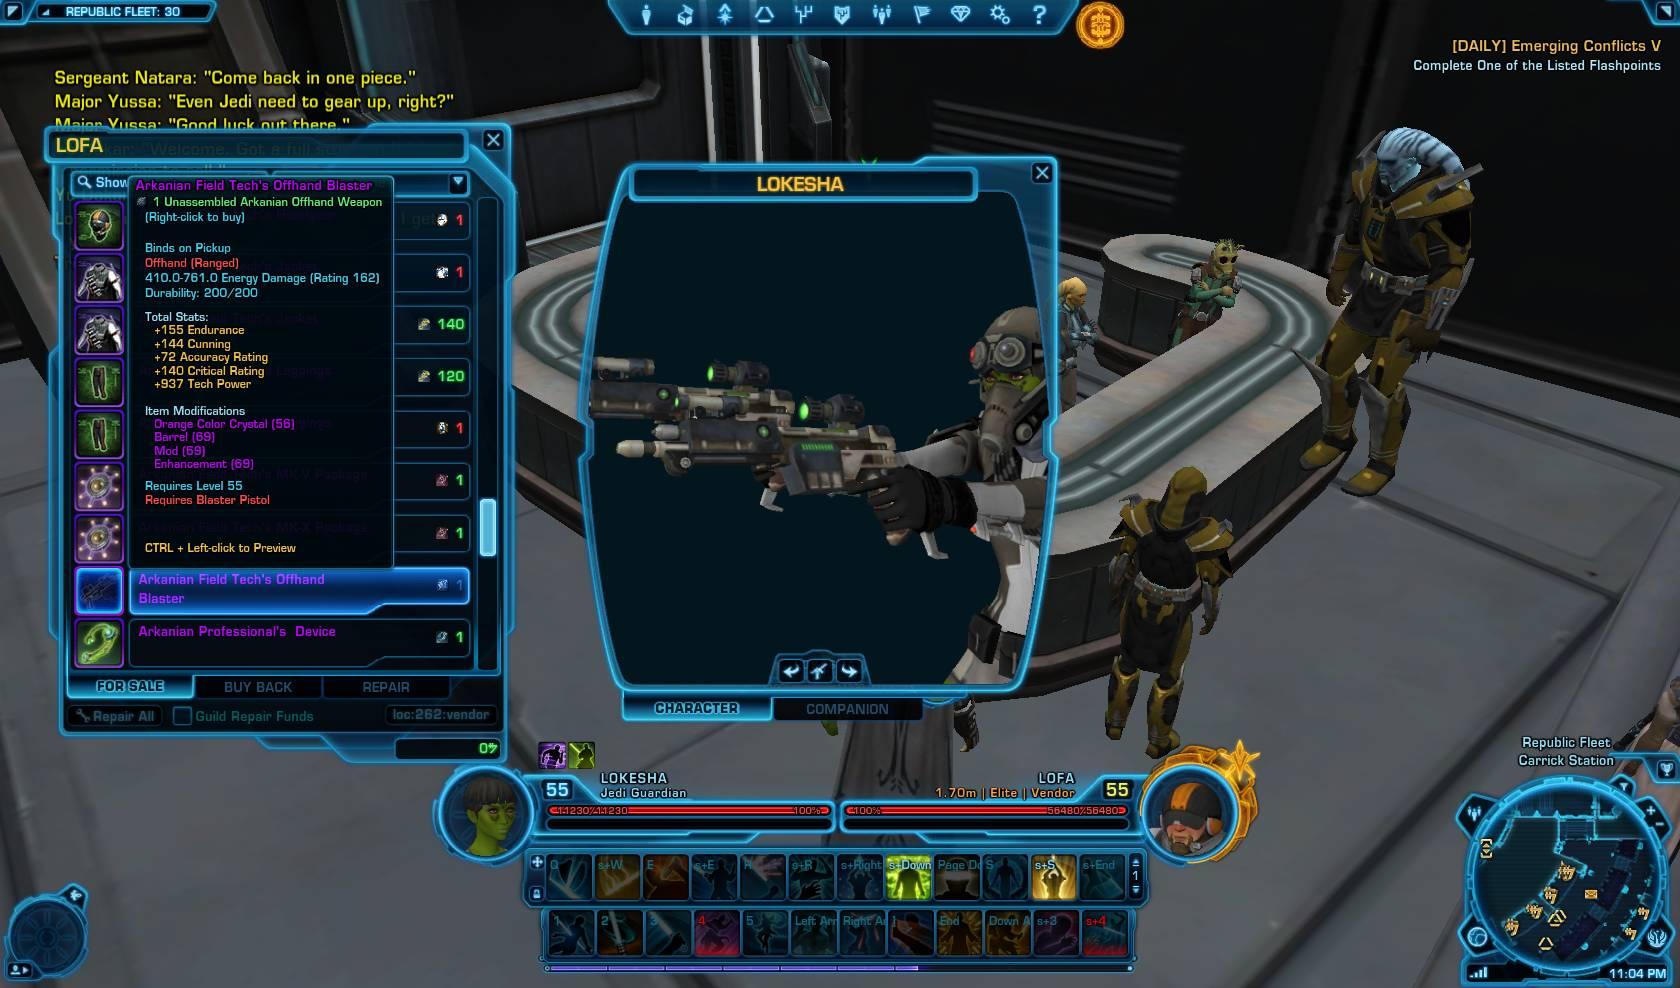 swtor arkanian offhand blaster